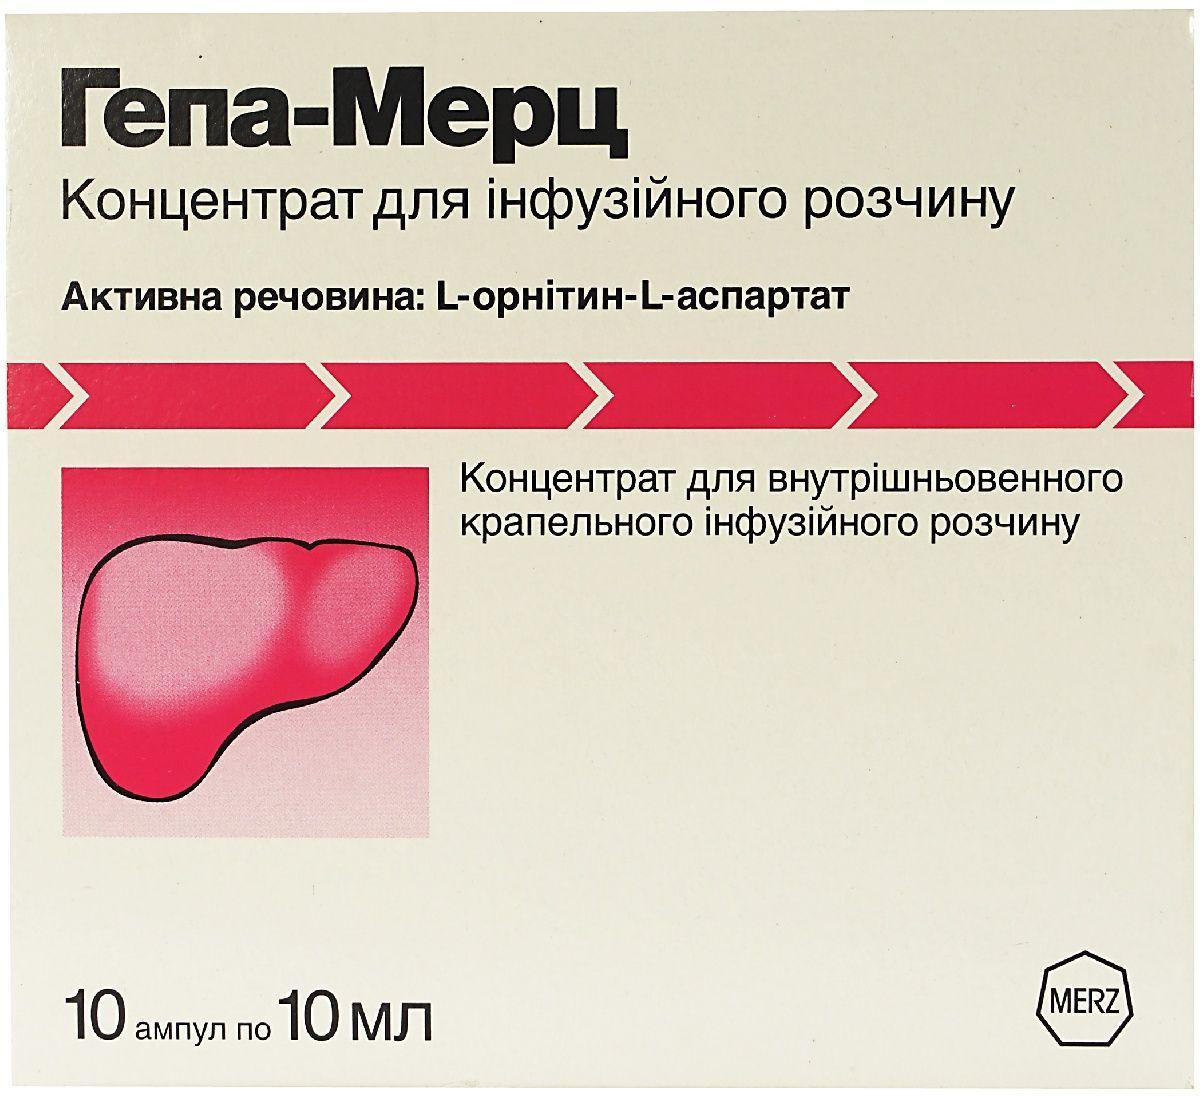 Гепа-мерц 10 мл №10 концентрат для инфузий_6005d613b3658.jpeg